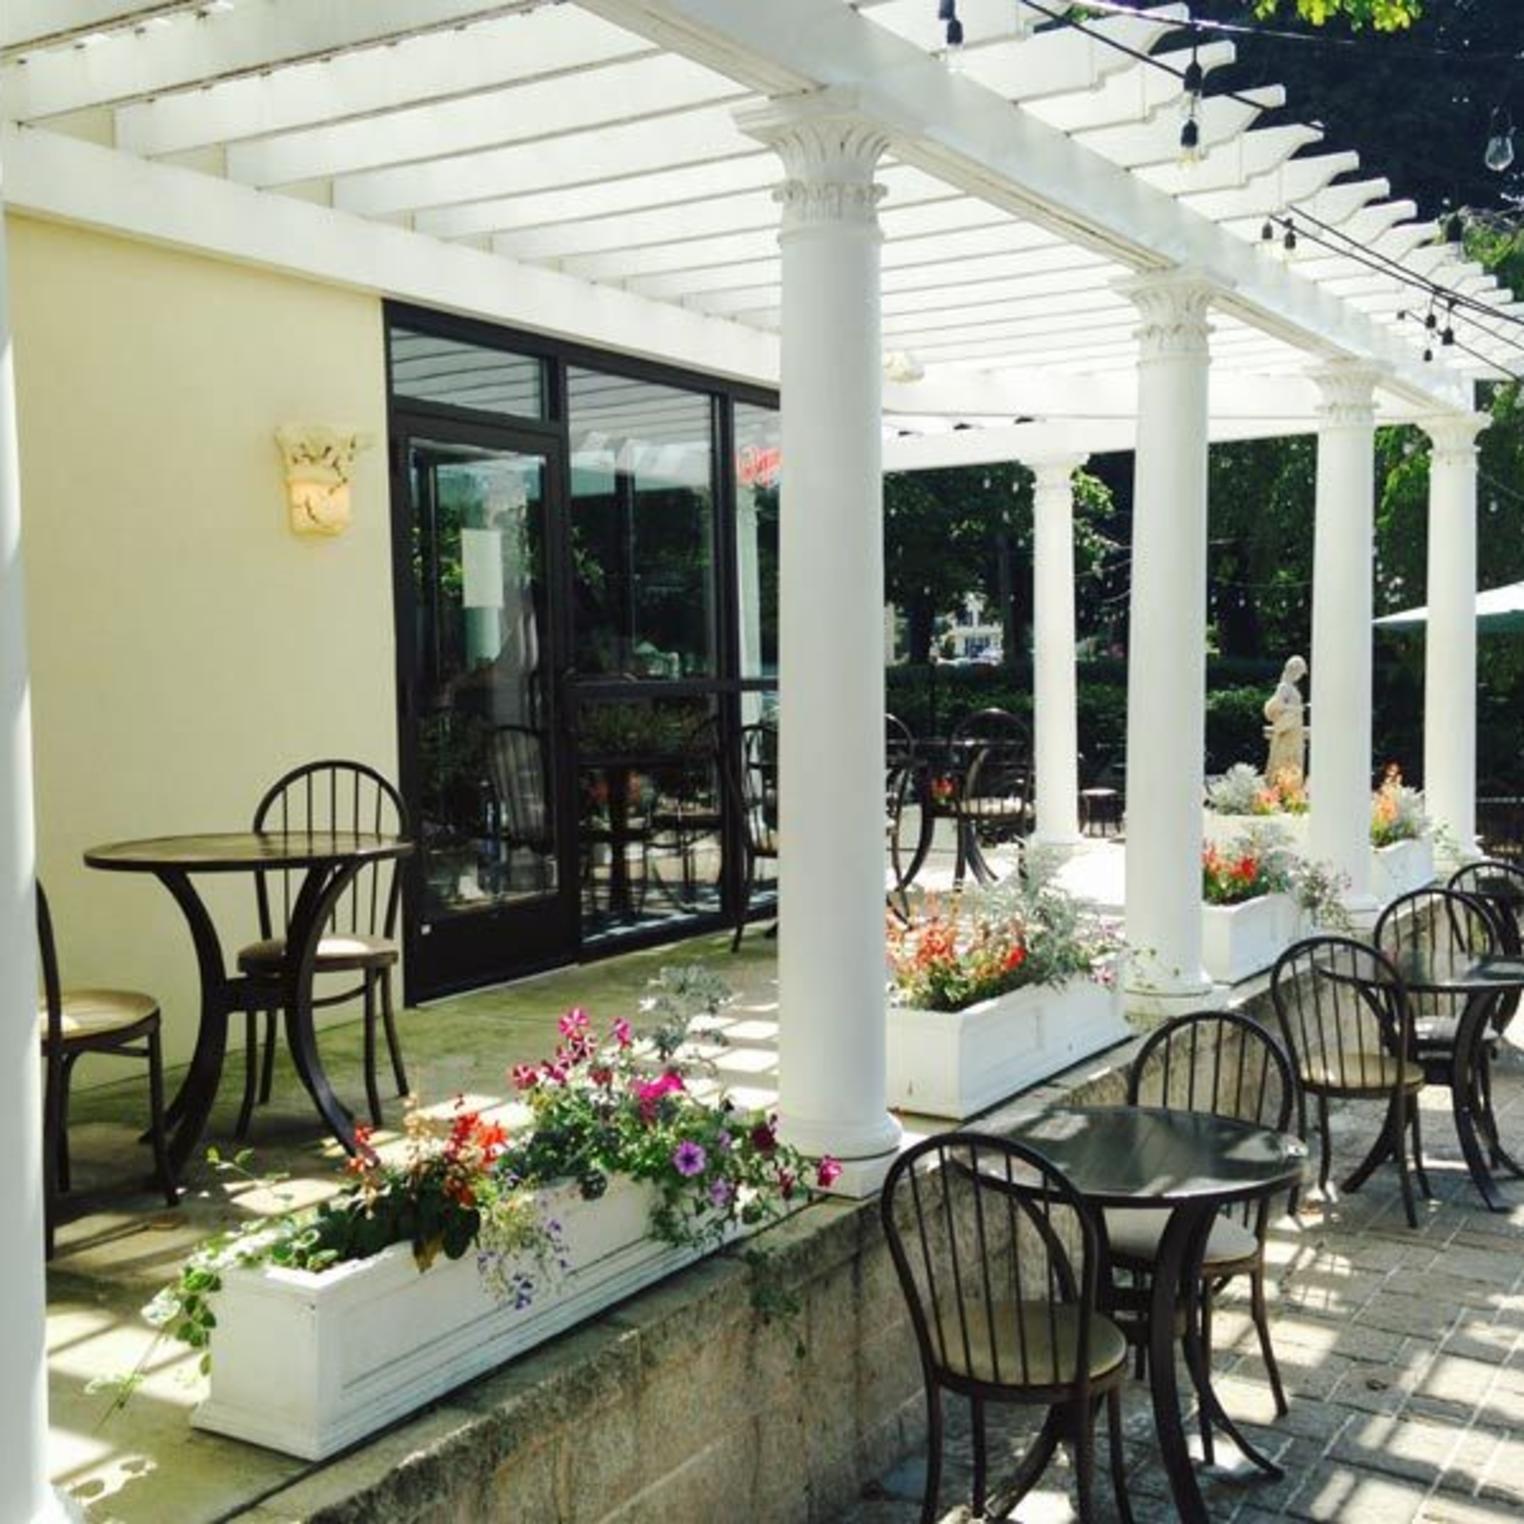 Hellenic Kouzina Outdoor Courtyard